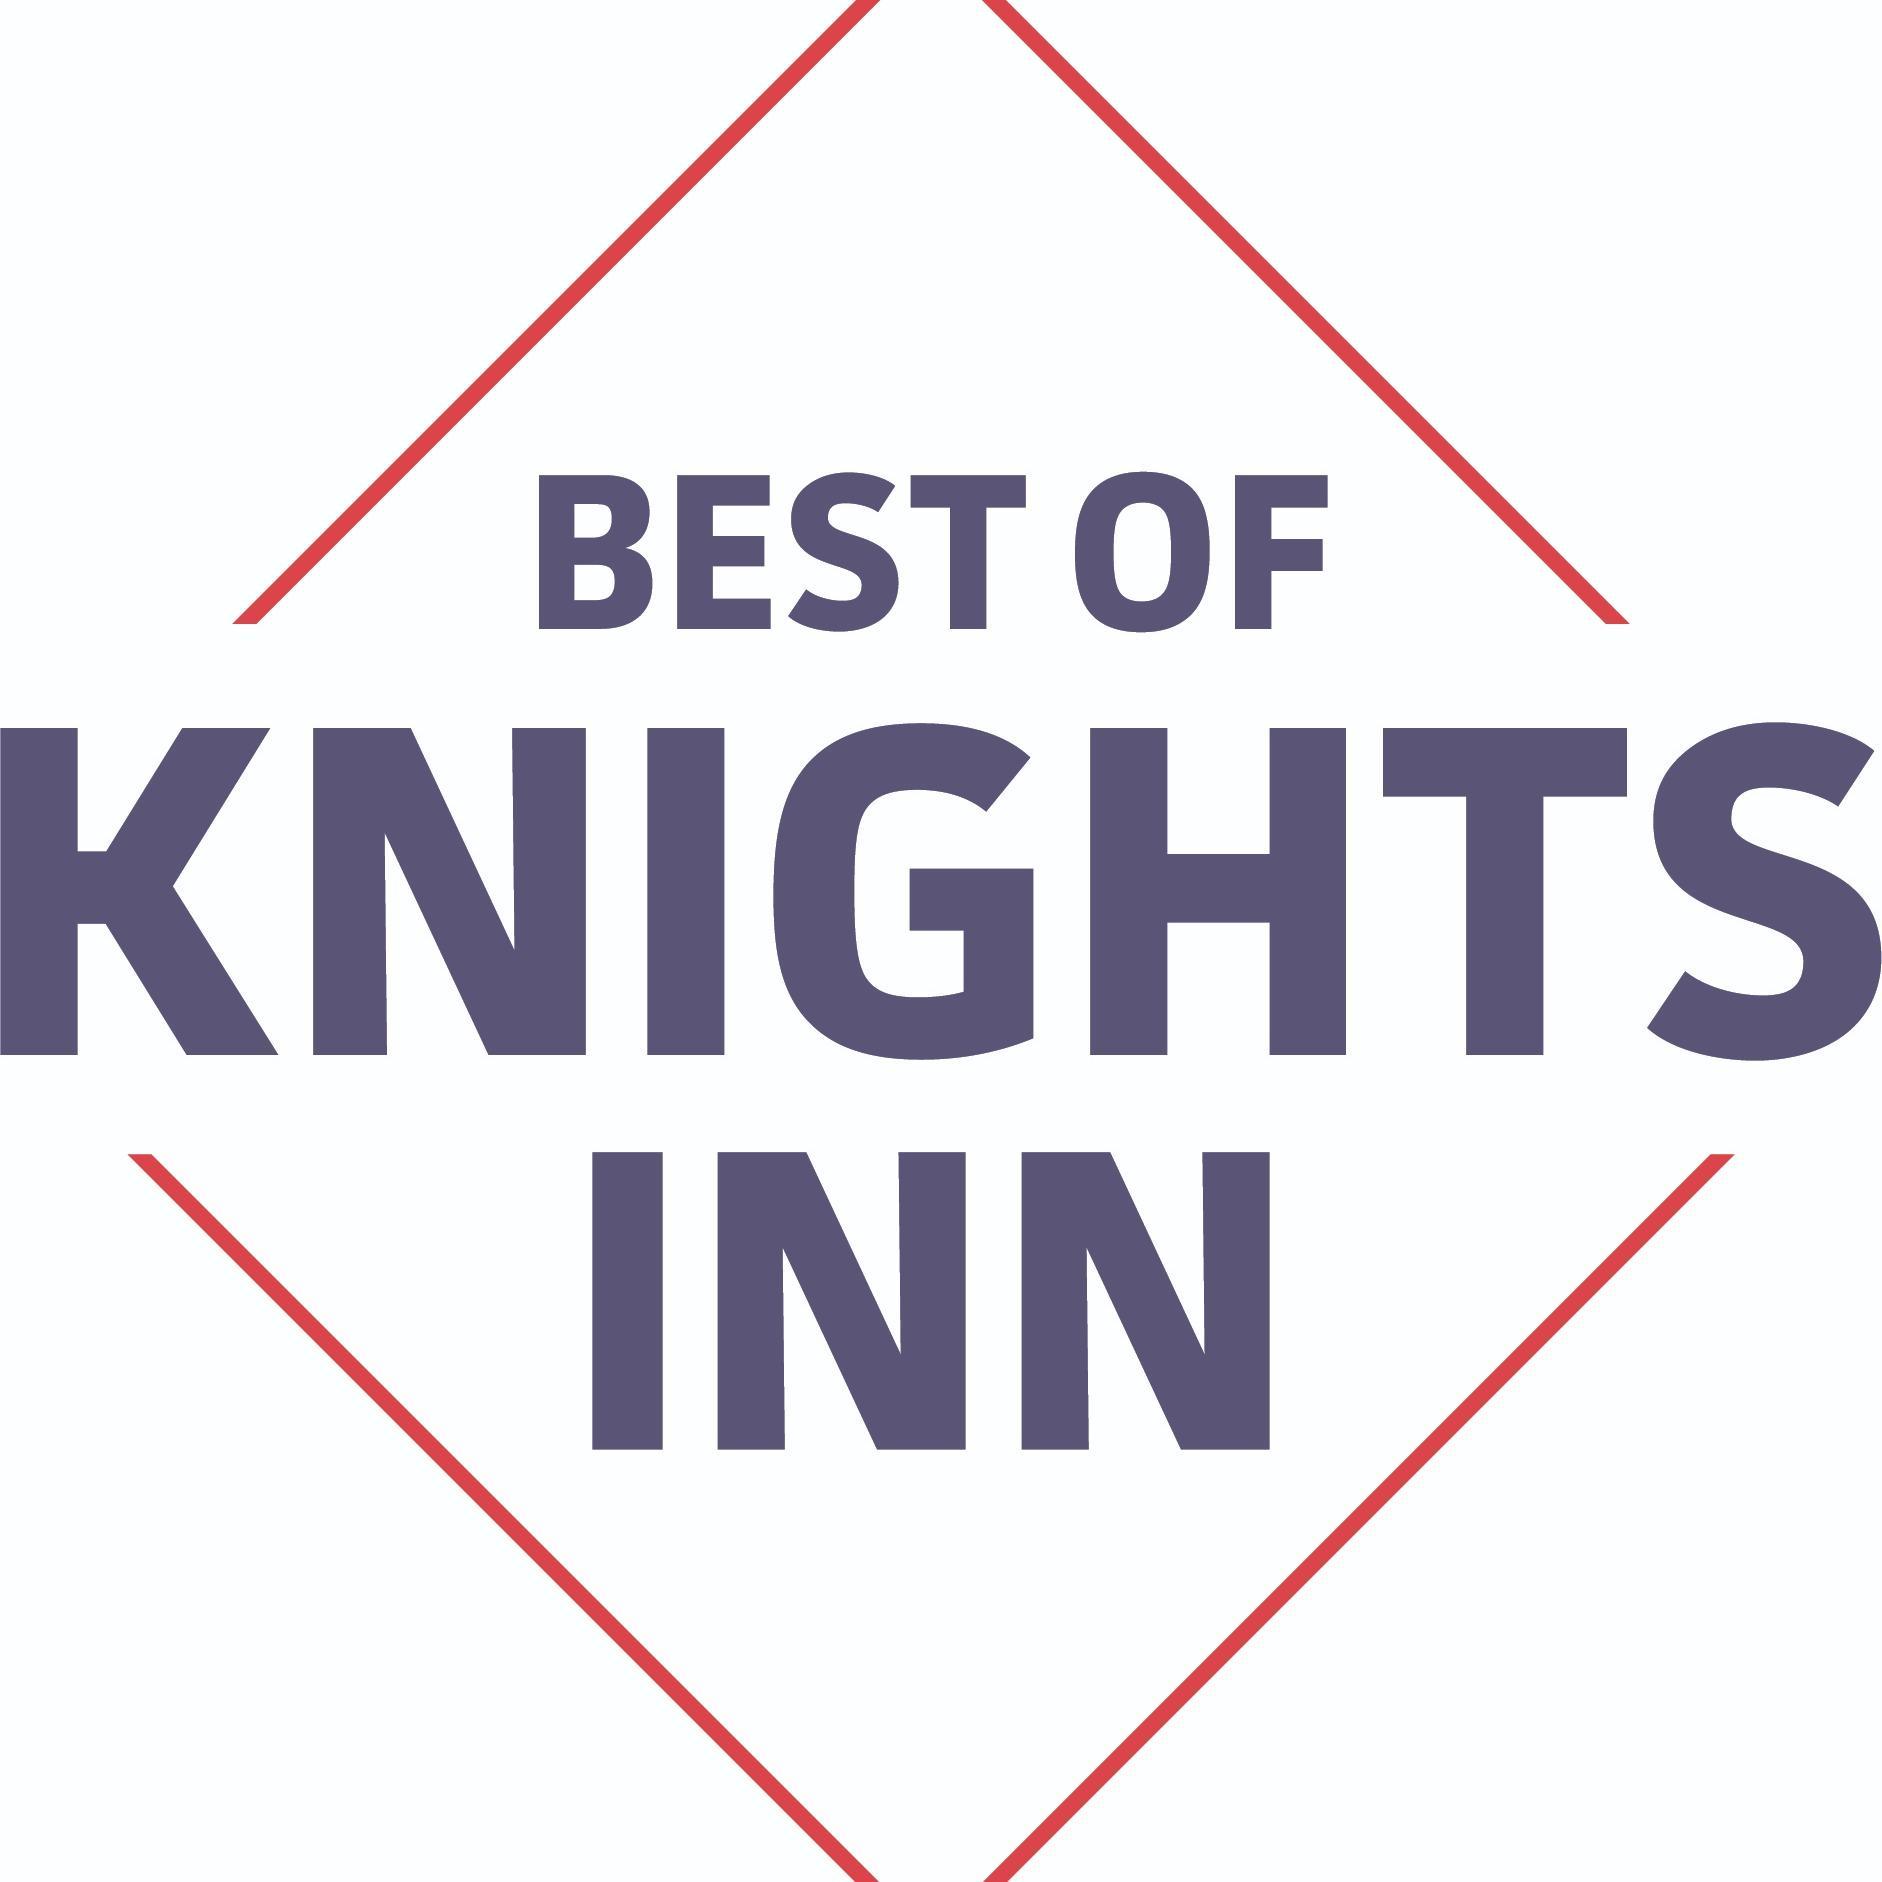 Knights Inn Carmel Hill